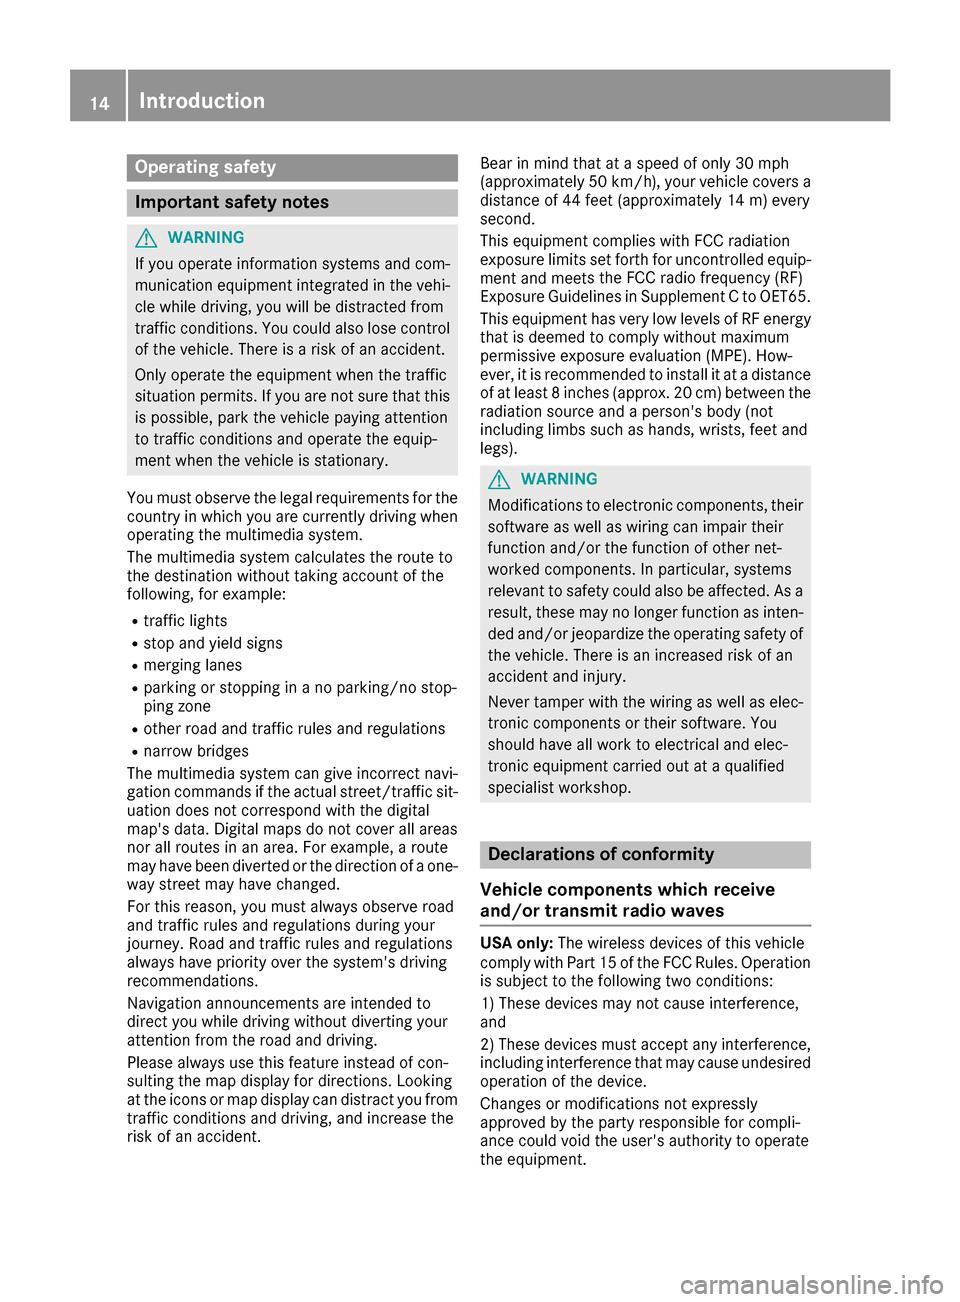 MERCEDES-BENZ C-Class 2017 W205 Comand Manual